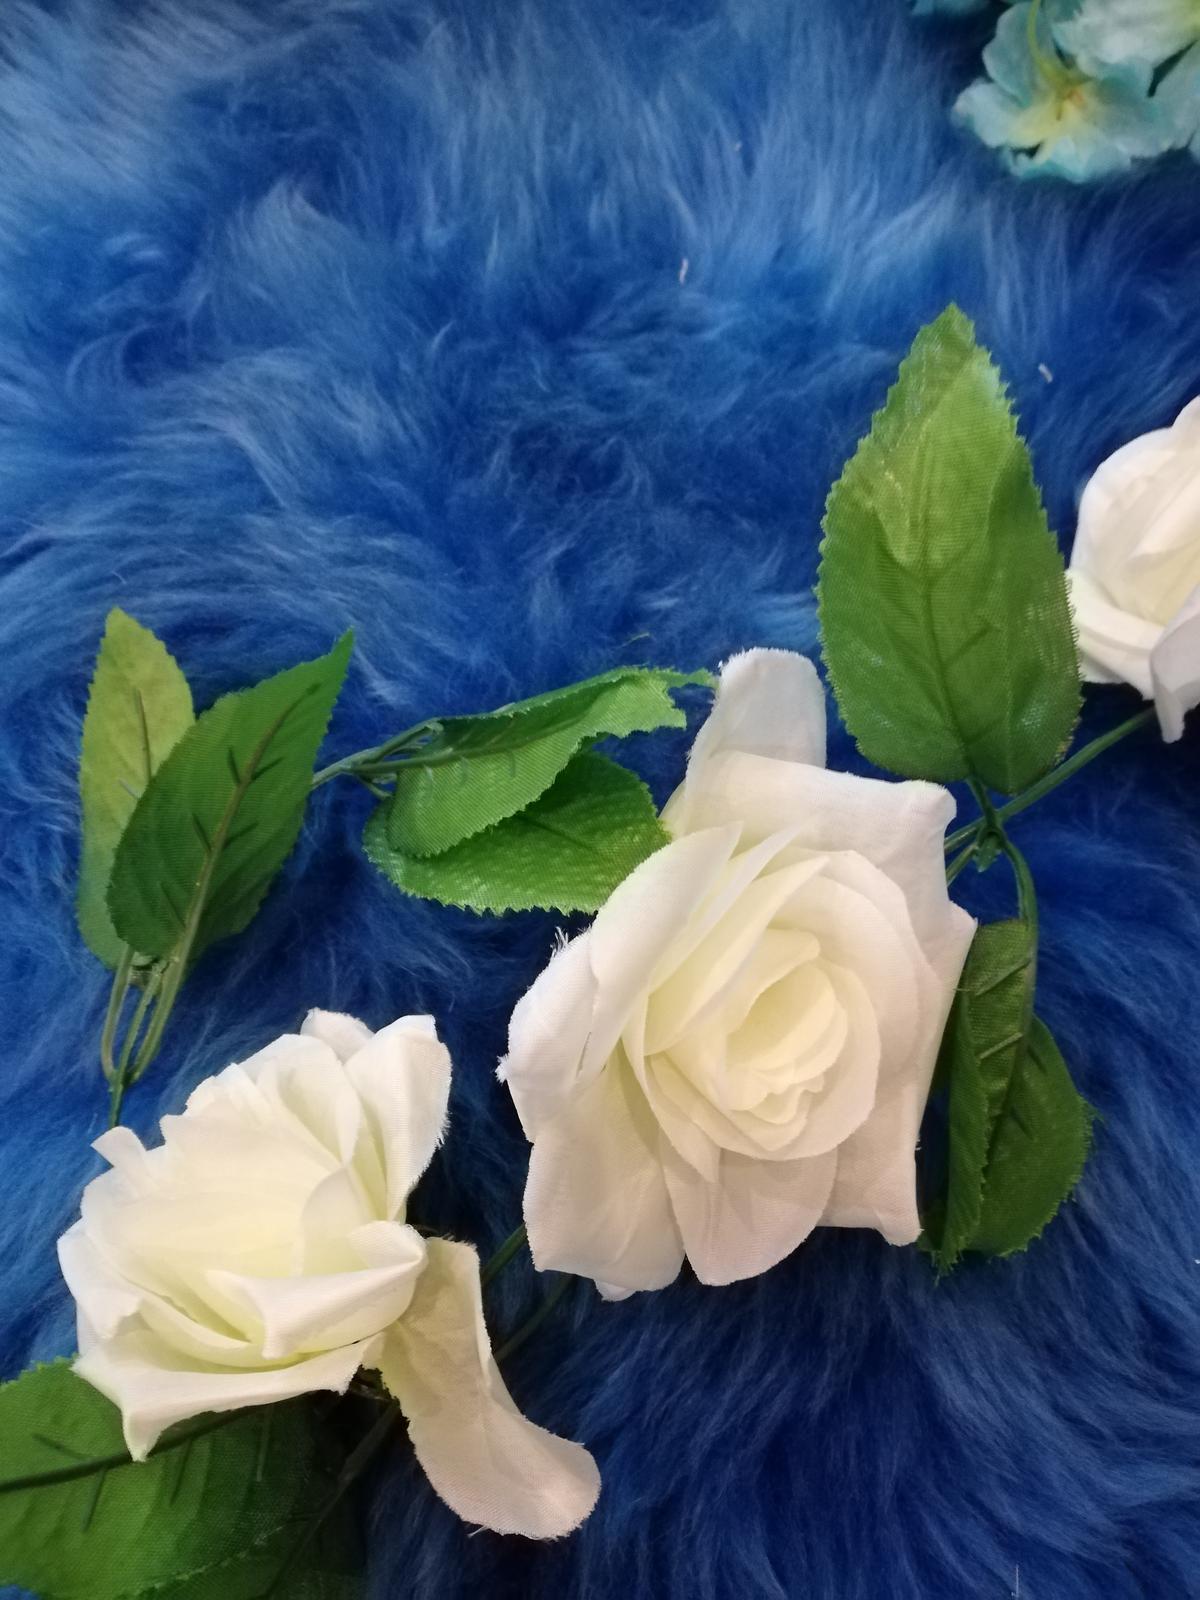 Svadobná výzdoba - tyrkysové kvety - Obrázok č. 3